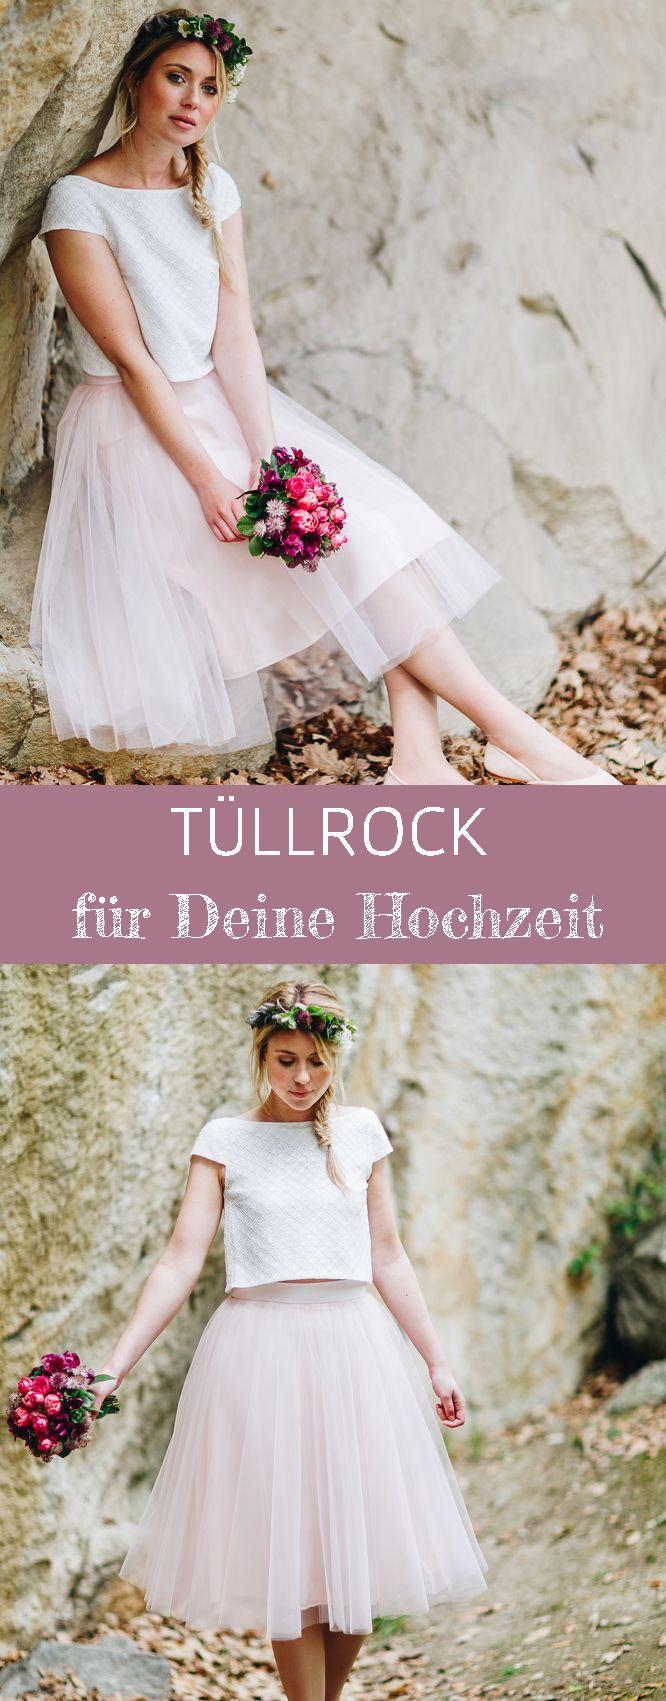 10 besten Pullover Hochzeit Bilder auf Pinterest | Hochzeitskleider ...